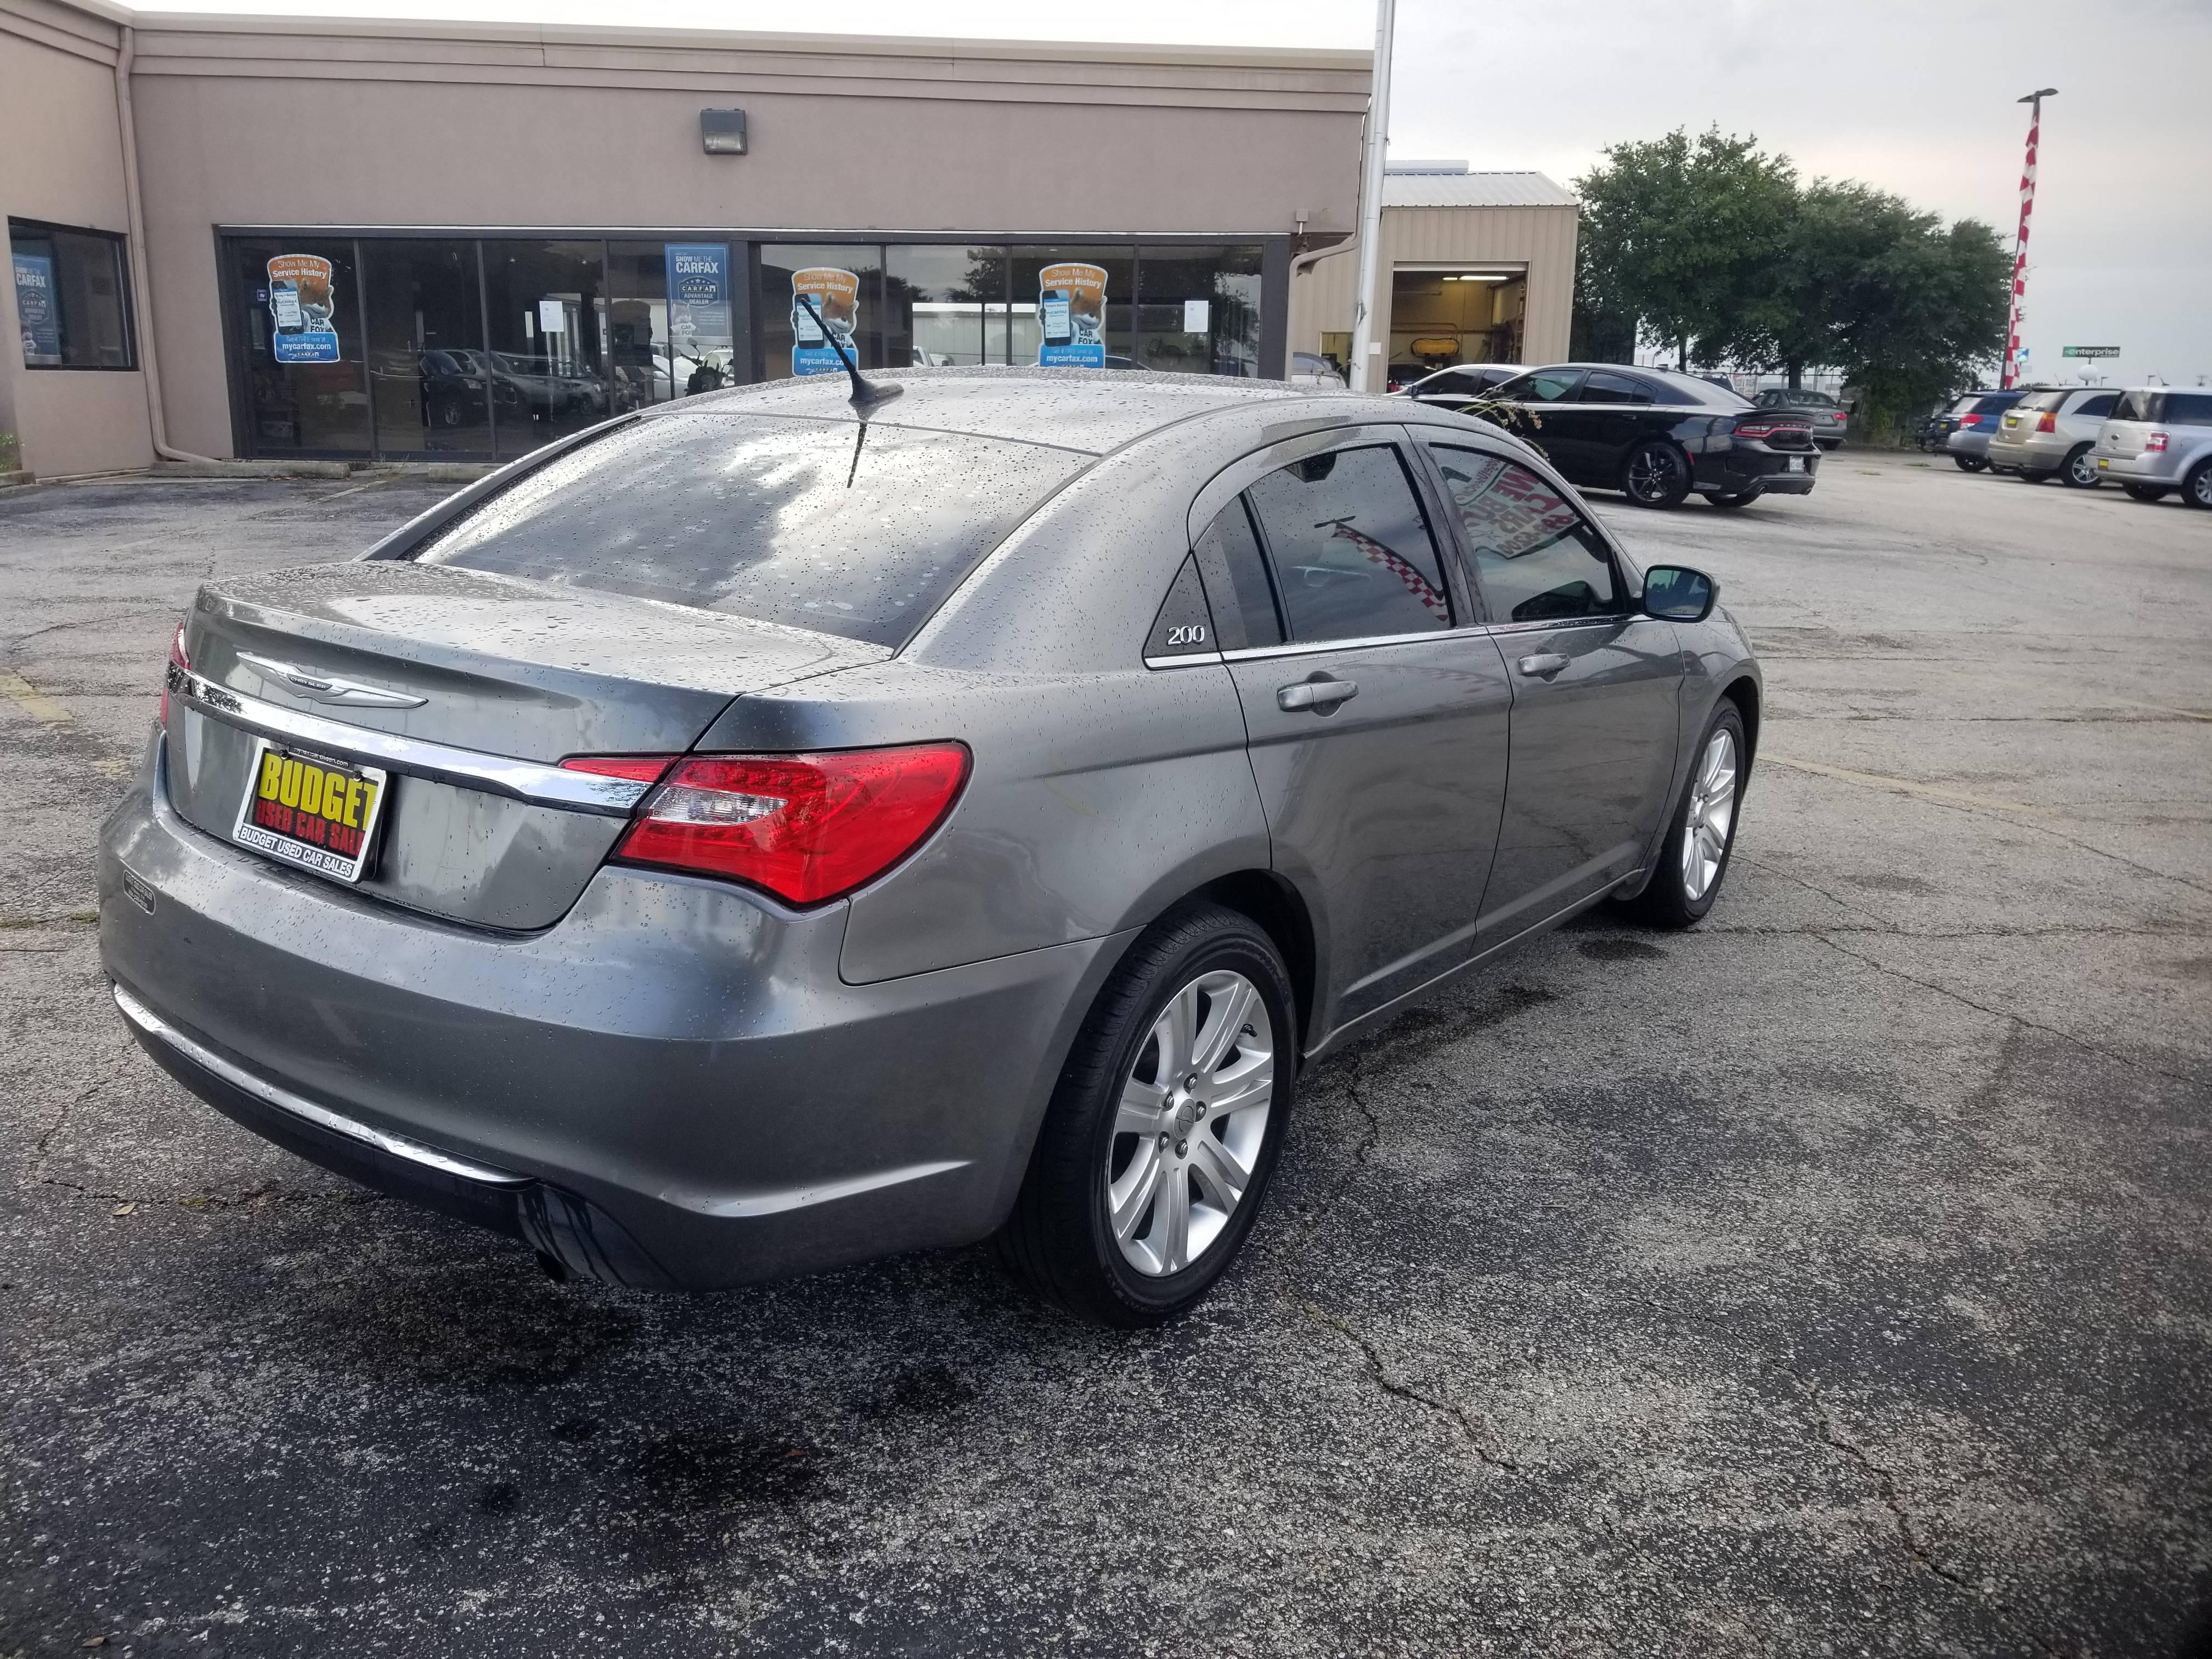 used vehicle - Sedan Chrysler 200 2013